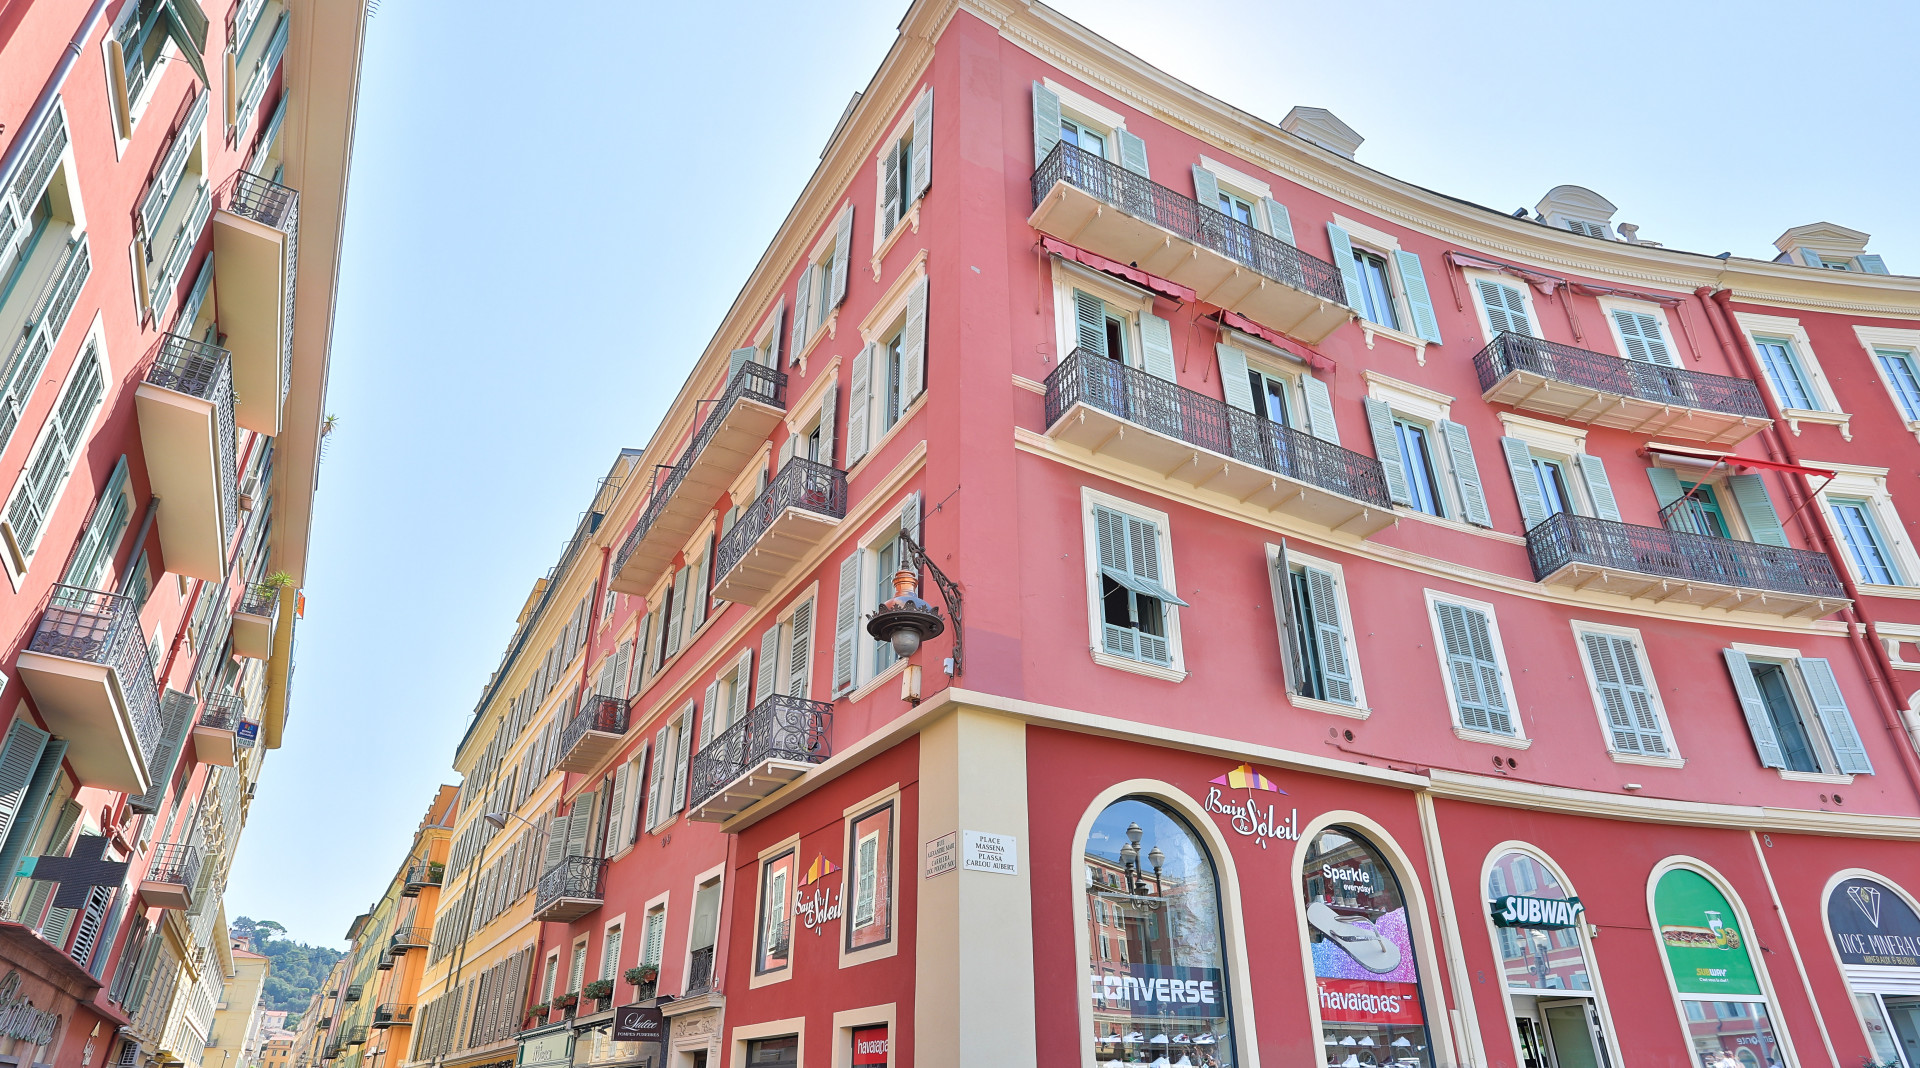 Vieux Nice – Beau 3 pièces de 80㎡ aux abords de la place Masséna.